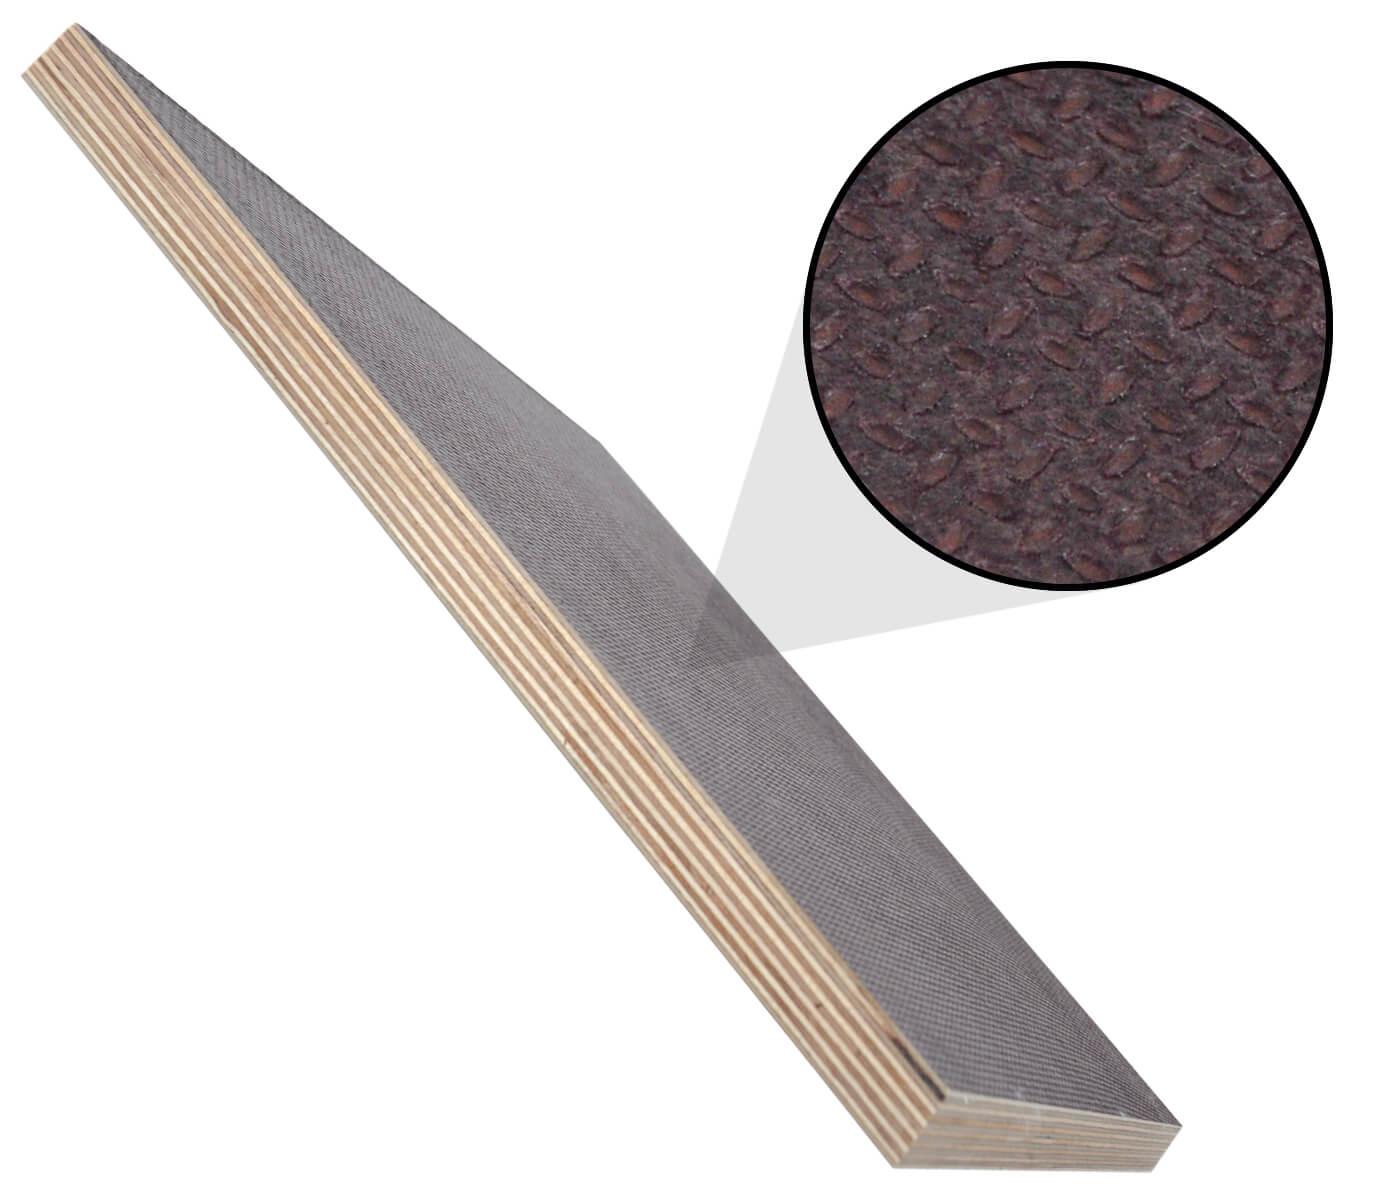 Siebdruckplatte 24mm Zuschnitt Multiplex Birke Holz Bodenplatte 70x30 cm